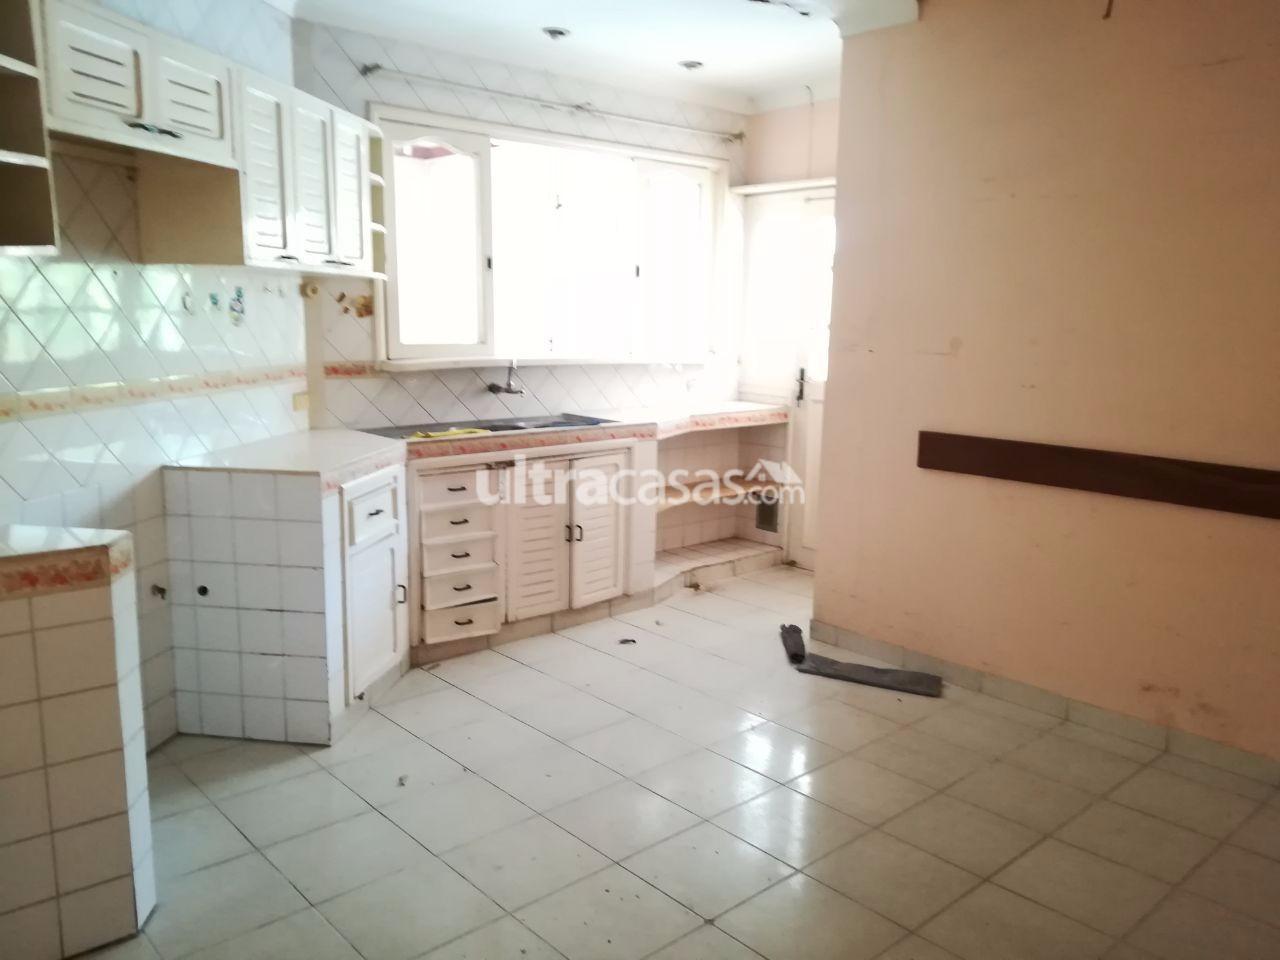 Casa en Venta Sobre la Avenida Pirai entre 2do. y 3er anillo No. 278 Foto 3